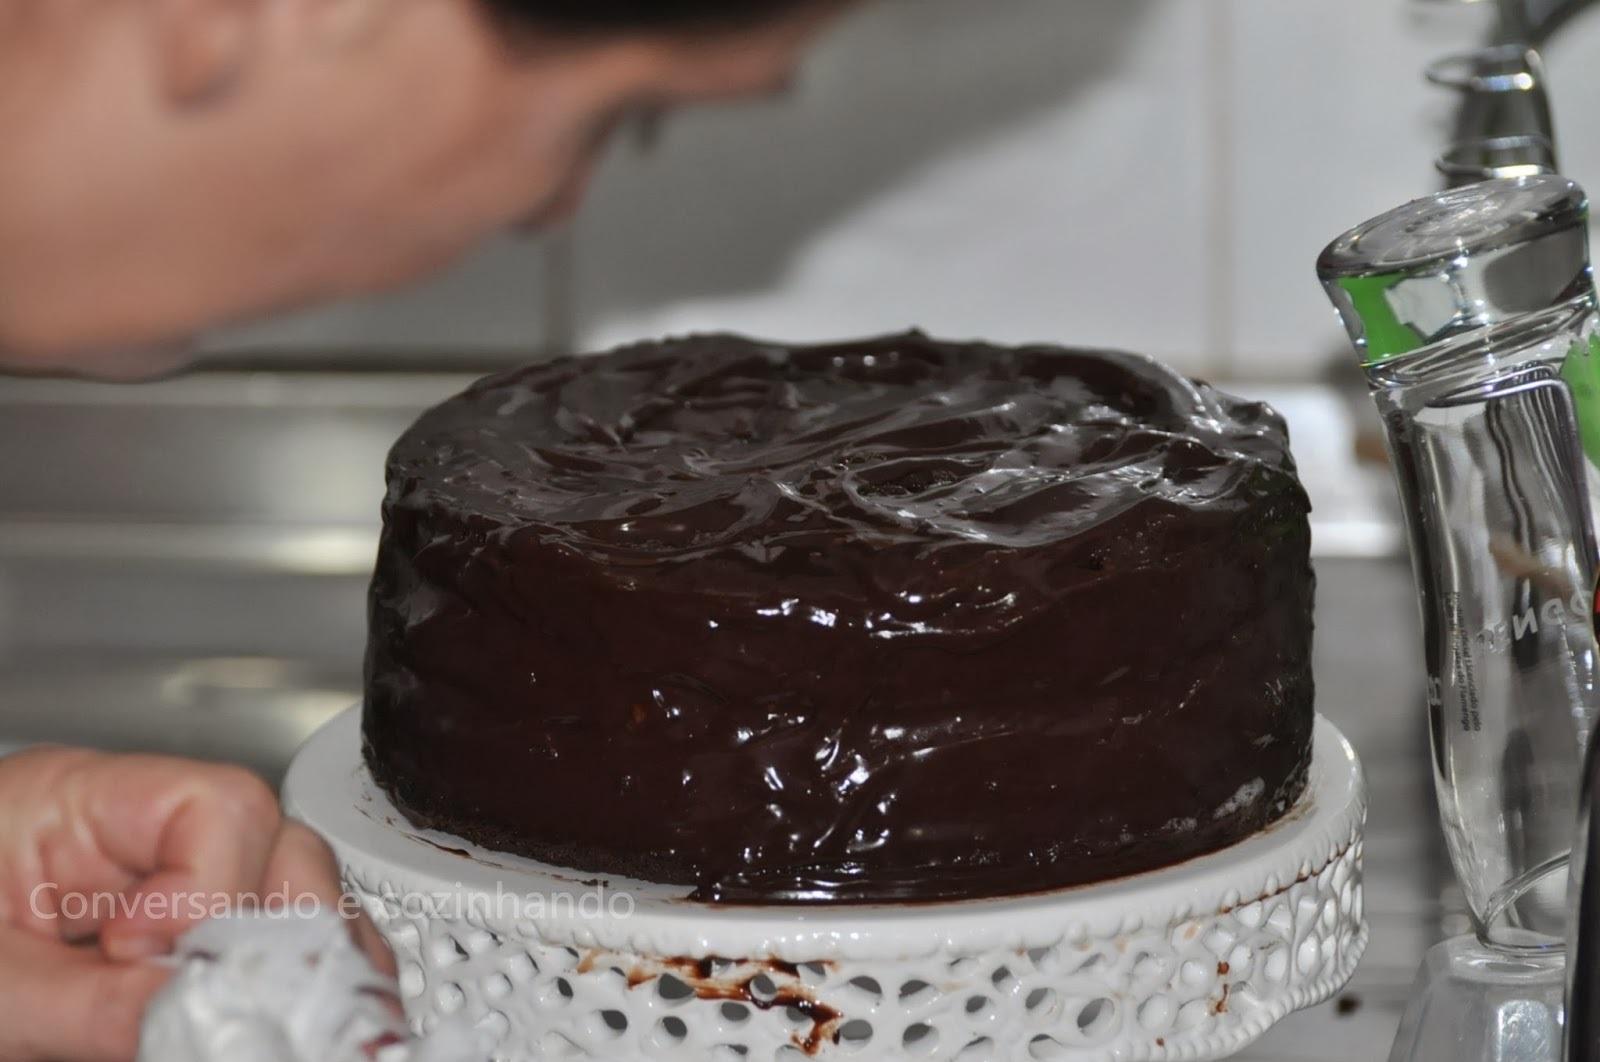 Eu saí na fotchenha, e olha a receita do bolo de chocolate sem farinha e sem leite aí...